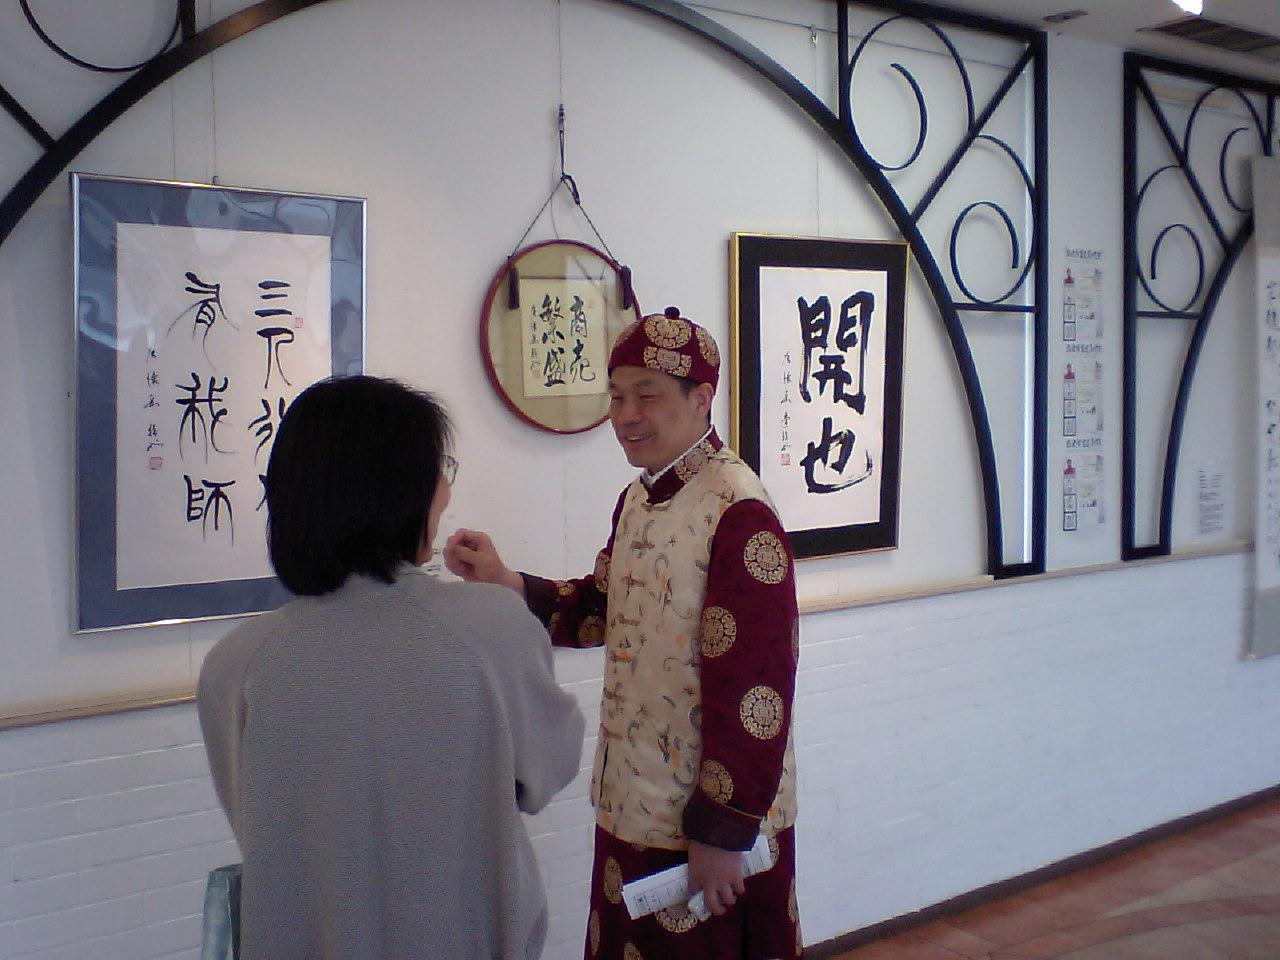 日本湖南人会会員の展示会そごう柏店で開催_d0027795_11572970.jpg